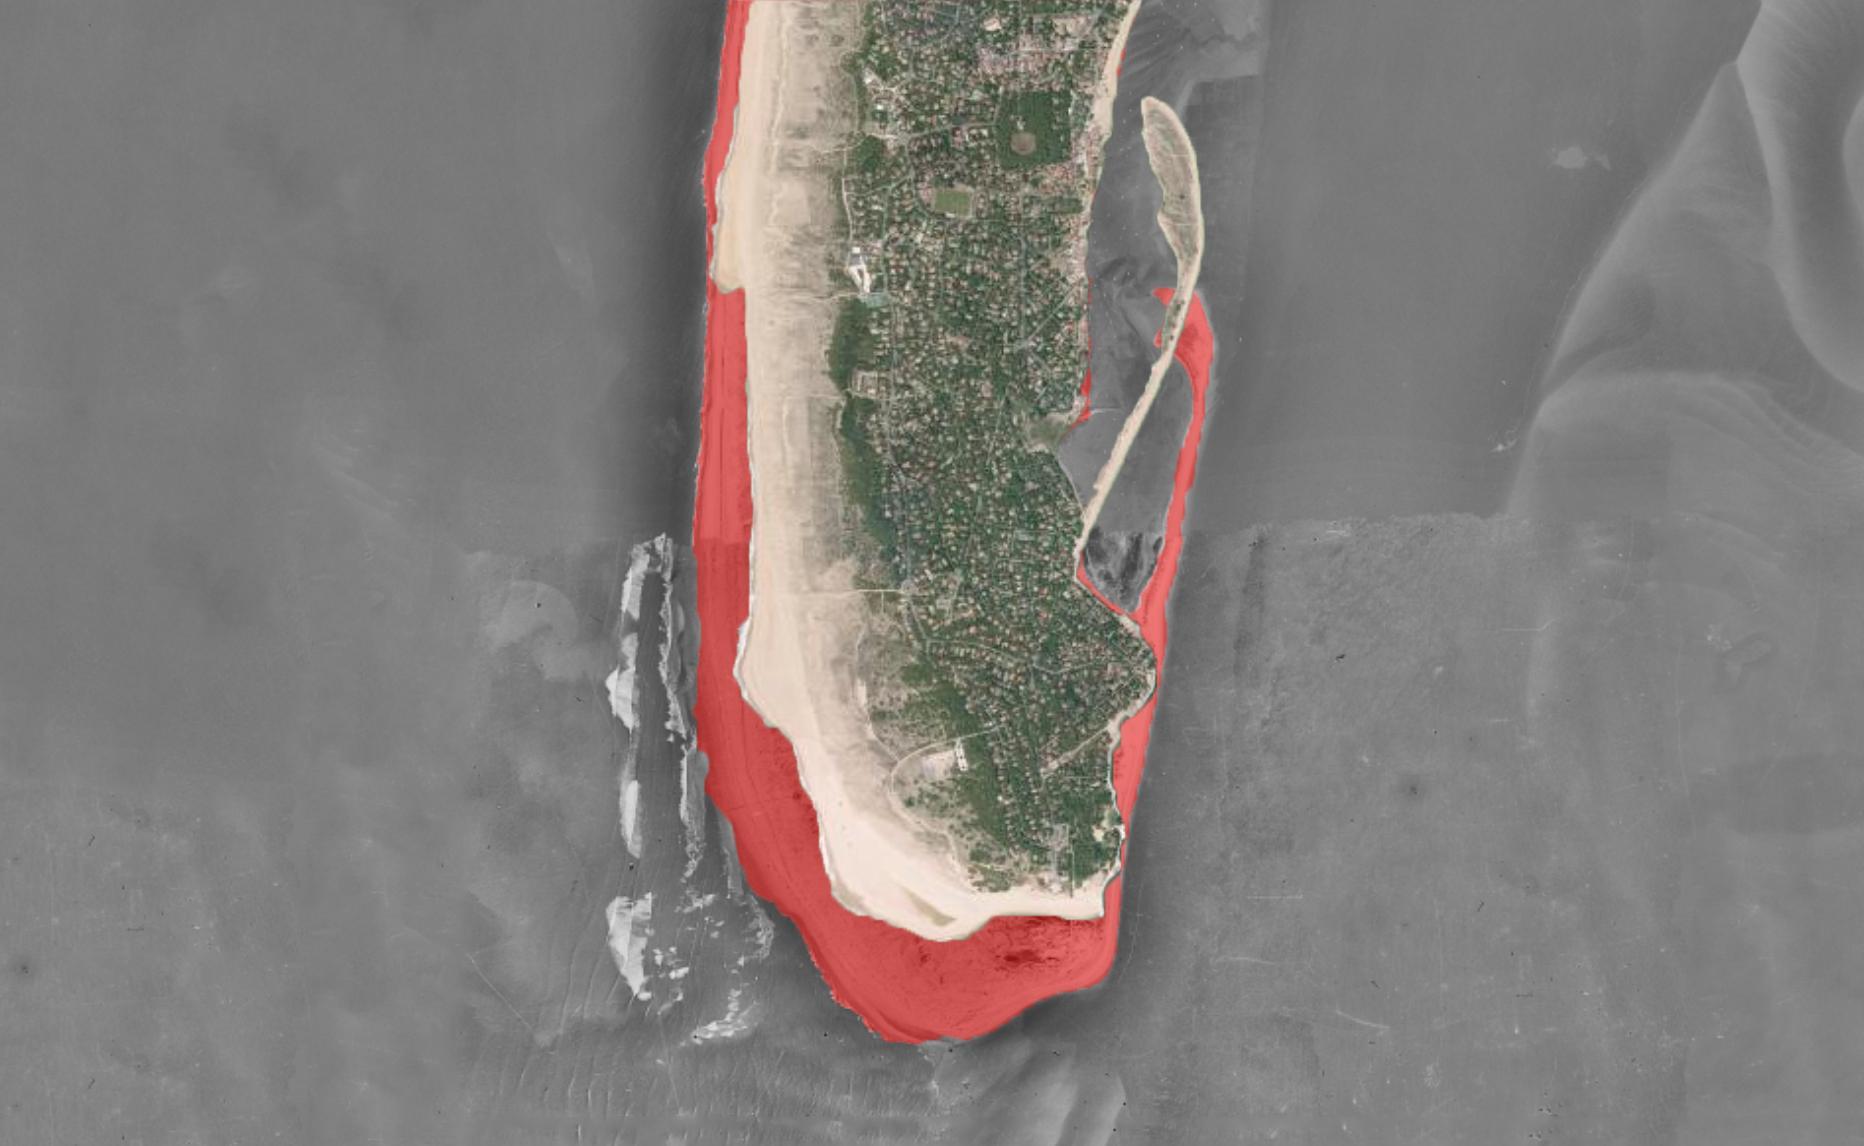 Comparaison de la topographie de la pointe du Cap Ferret entre 1950 et 2015